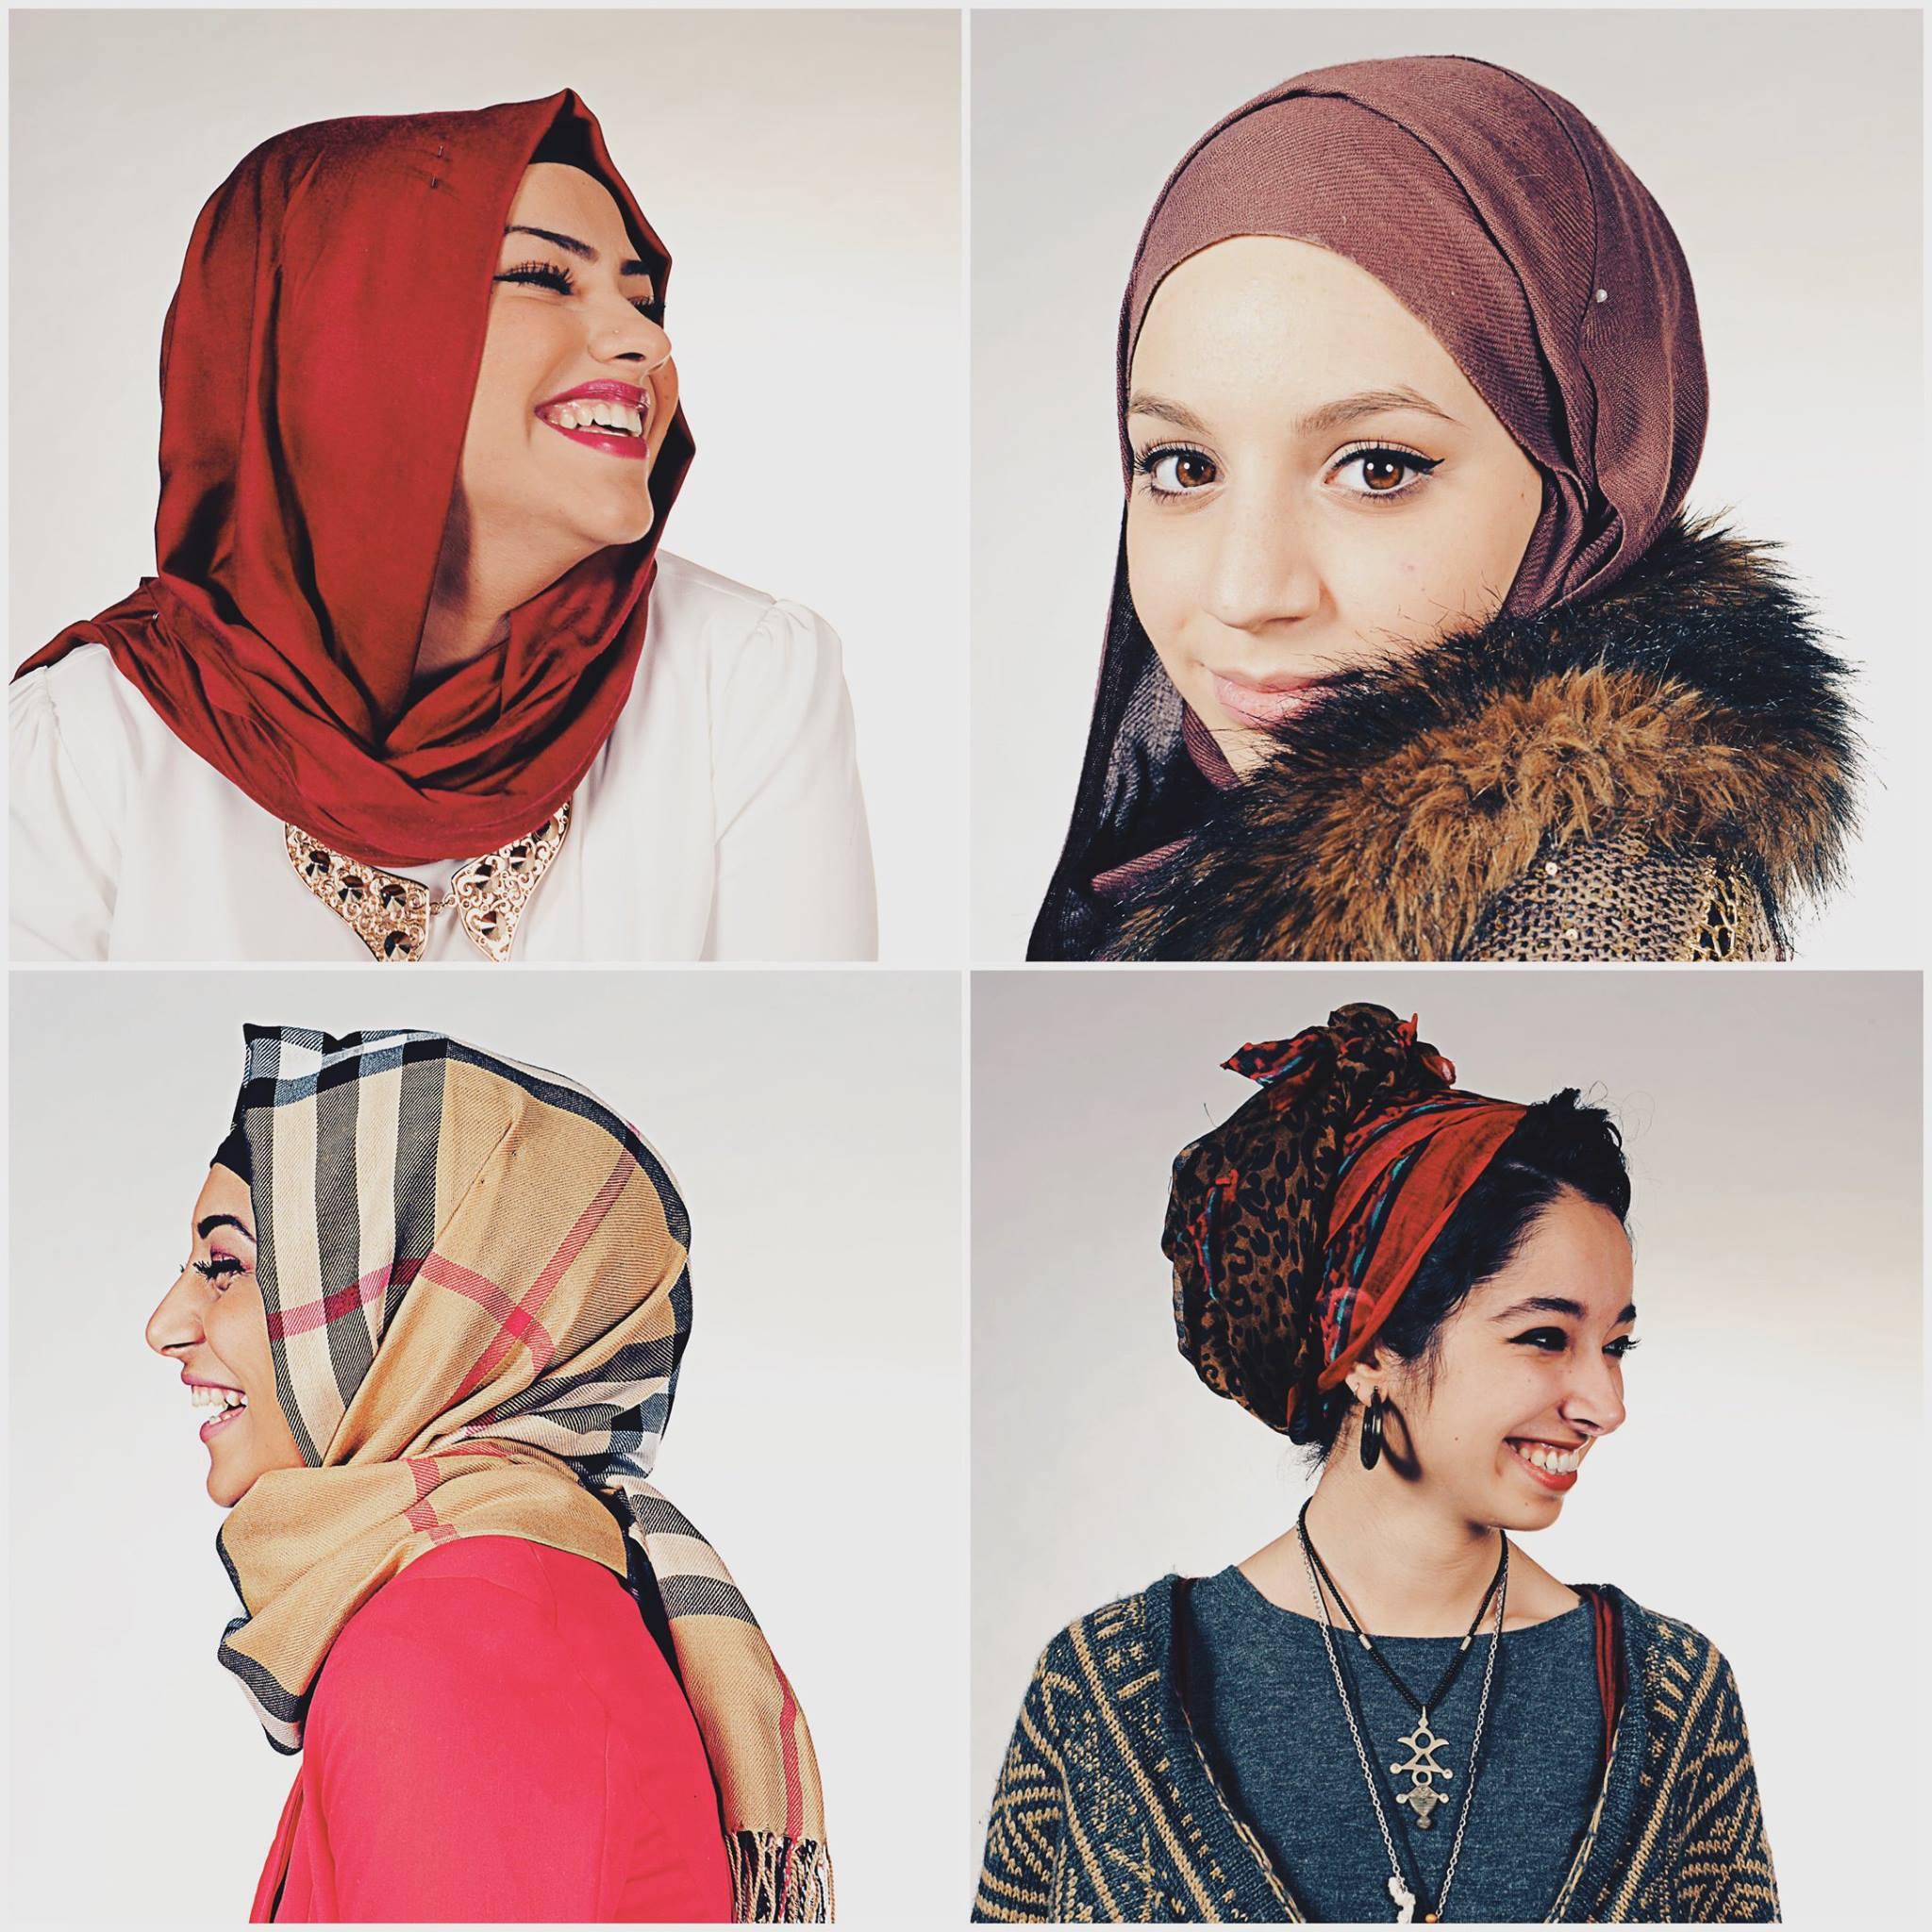 """Fotoprojekt """"Hijabistas. Mein Kopftuch wie's mir gefällt"""" der Fotografin Asma Aiad"""